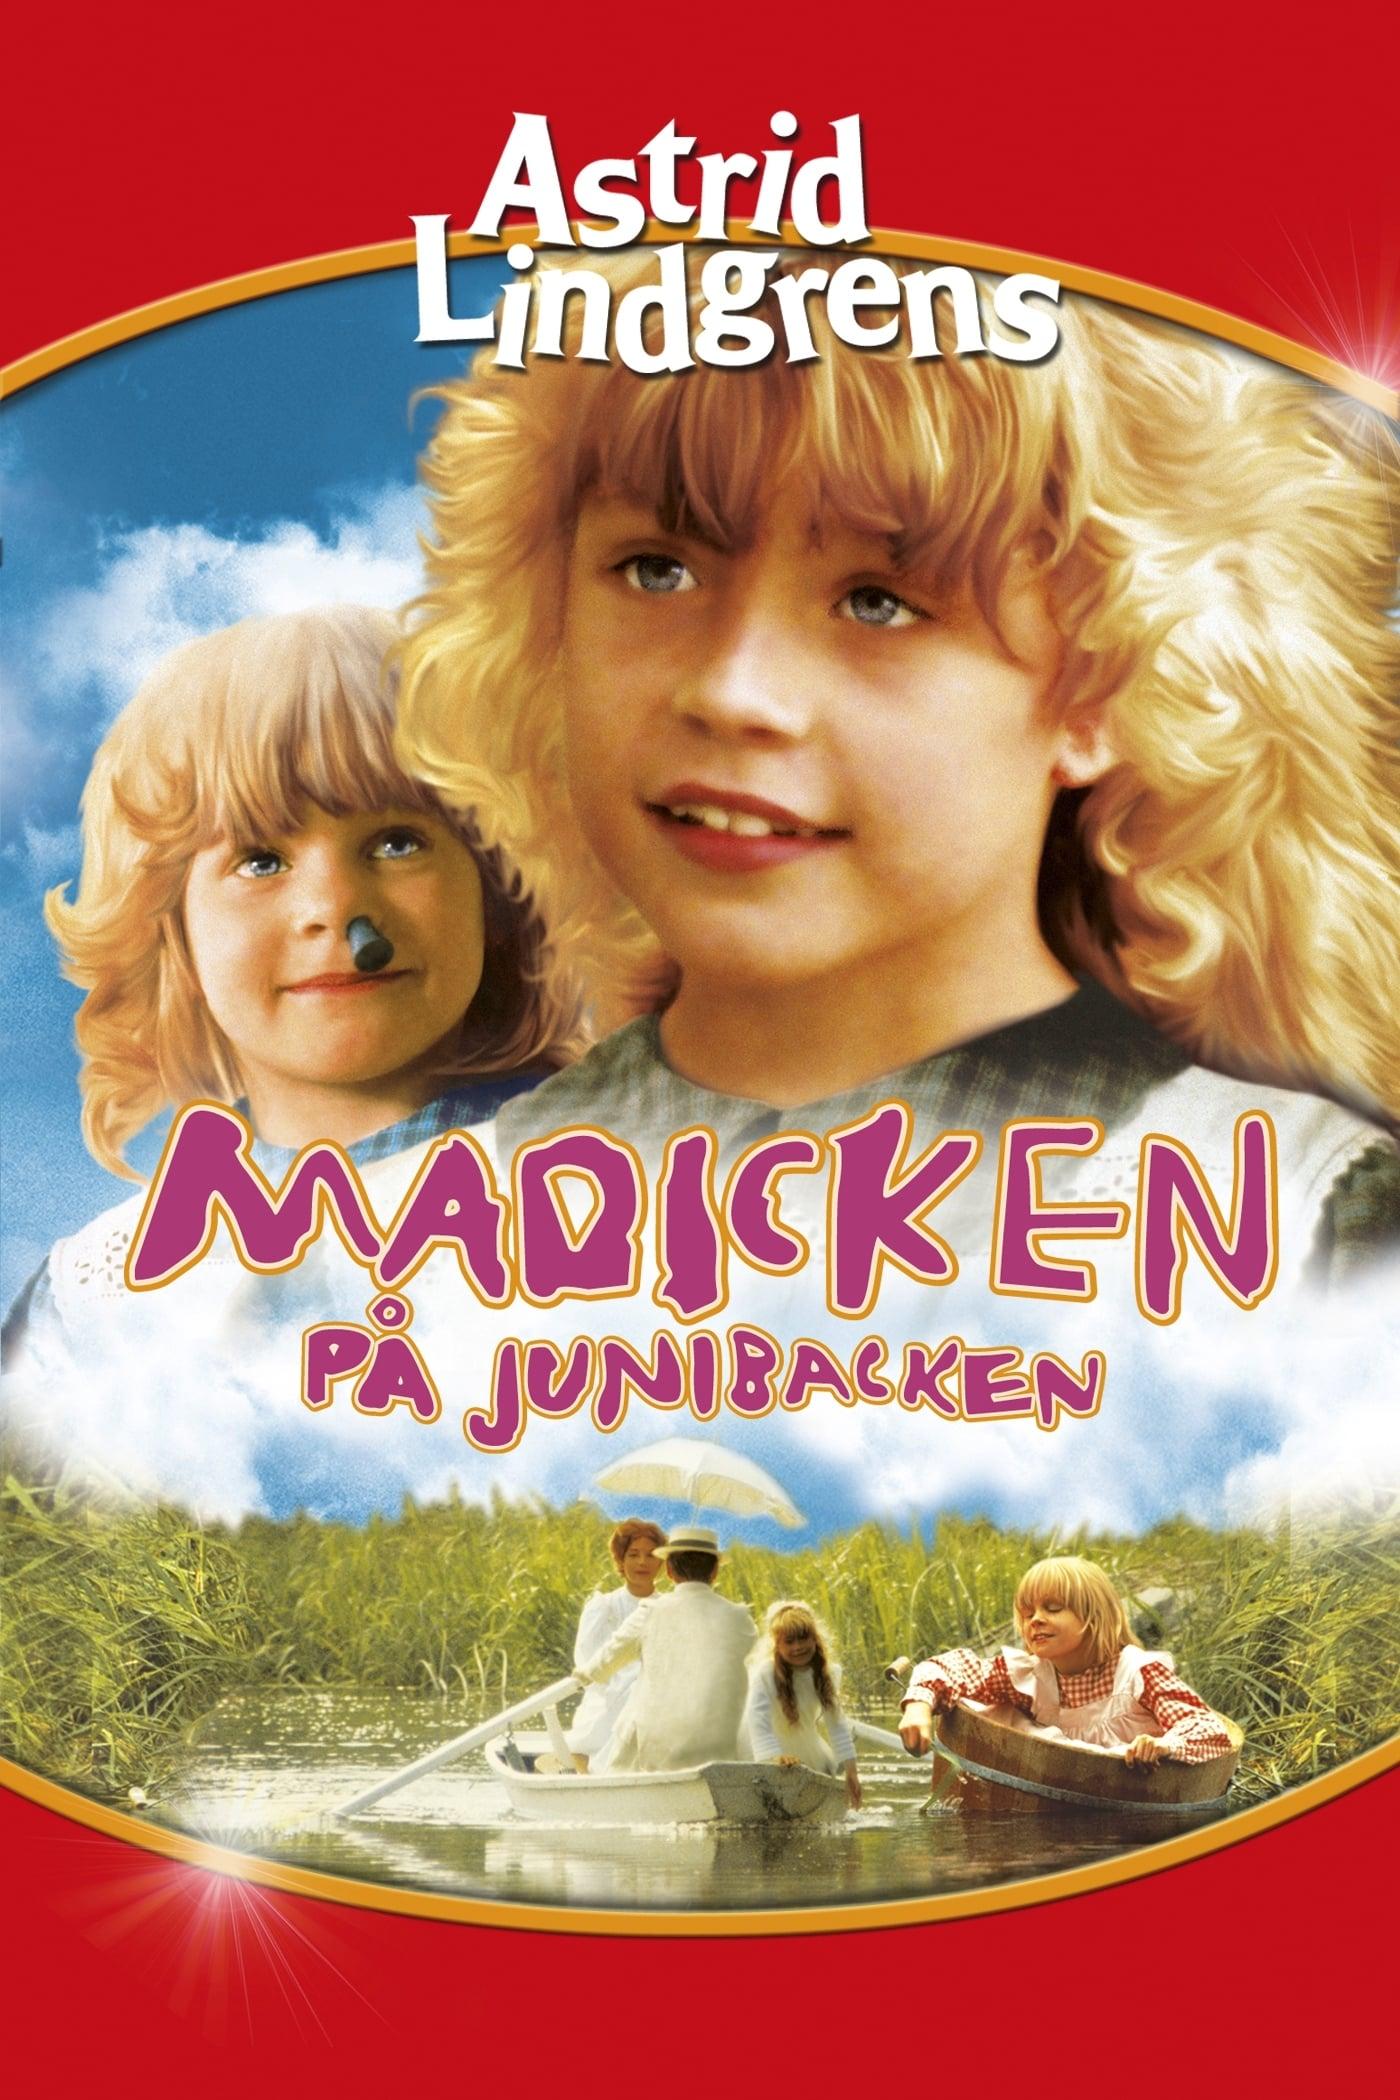 Madicken of June Hill